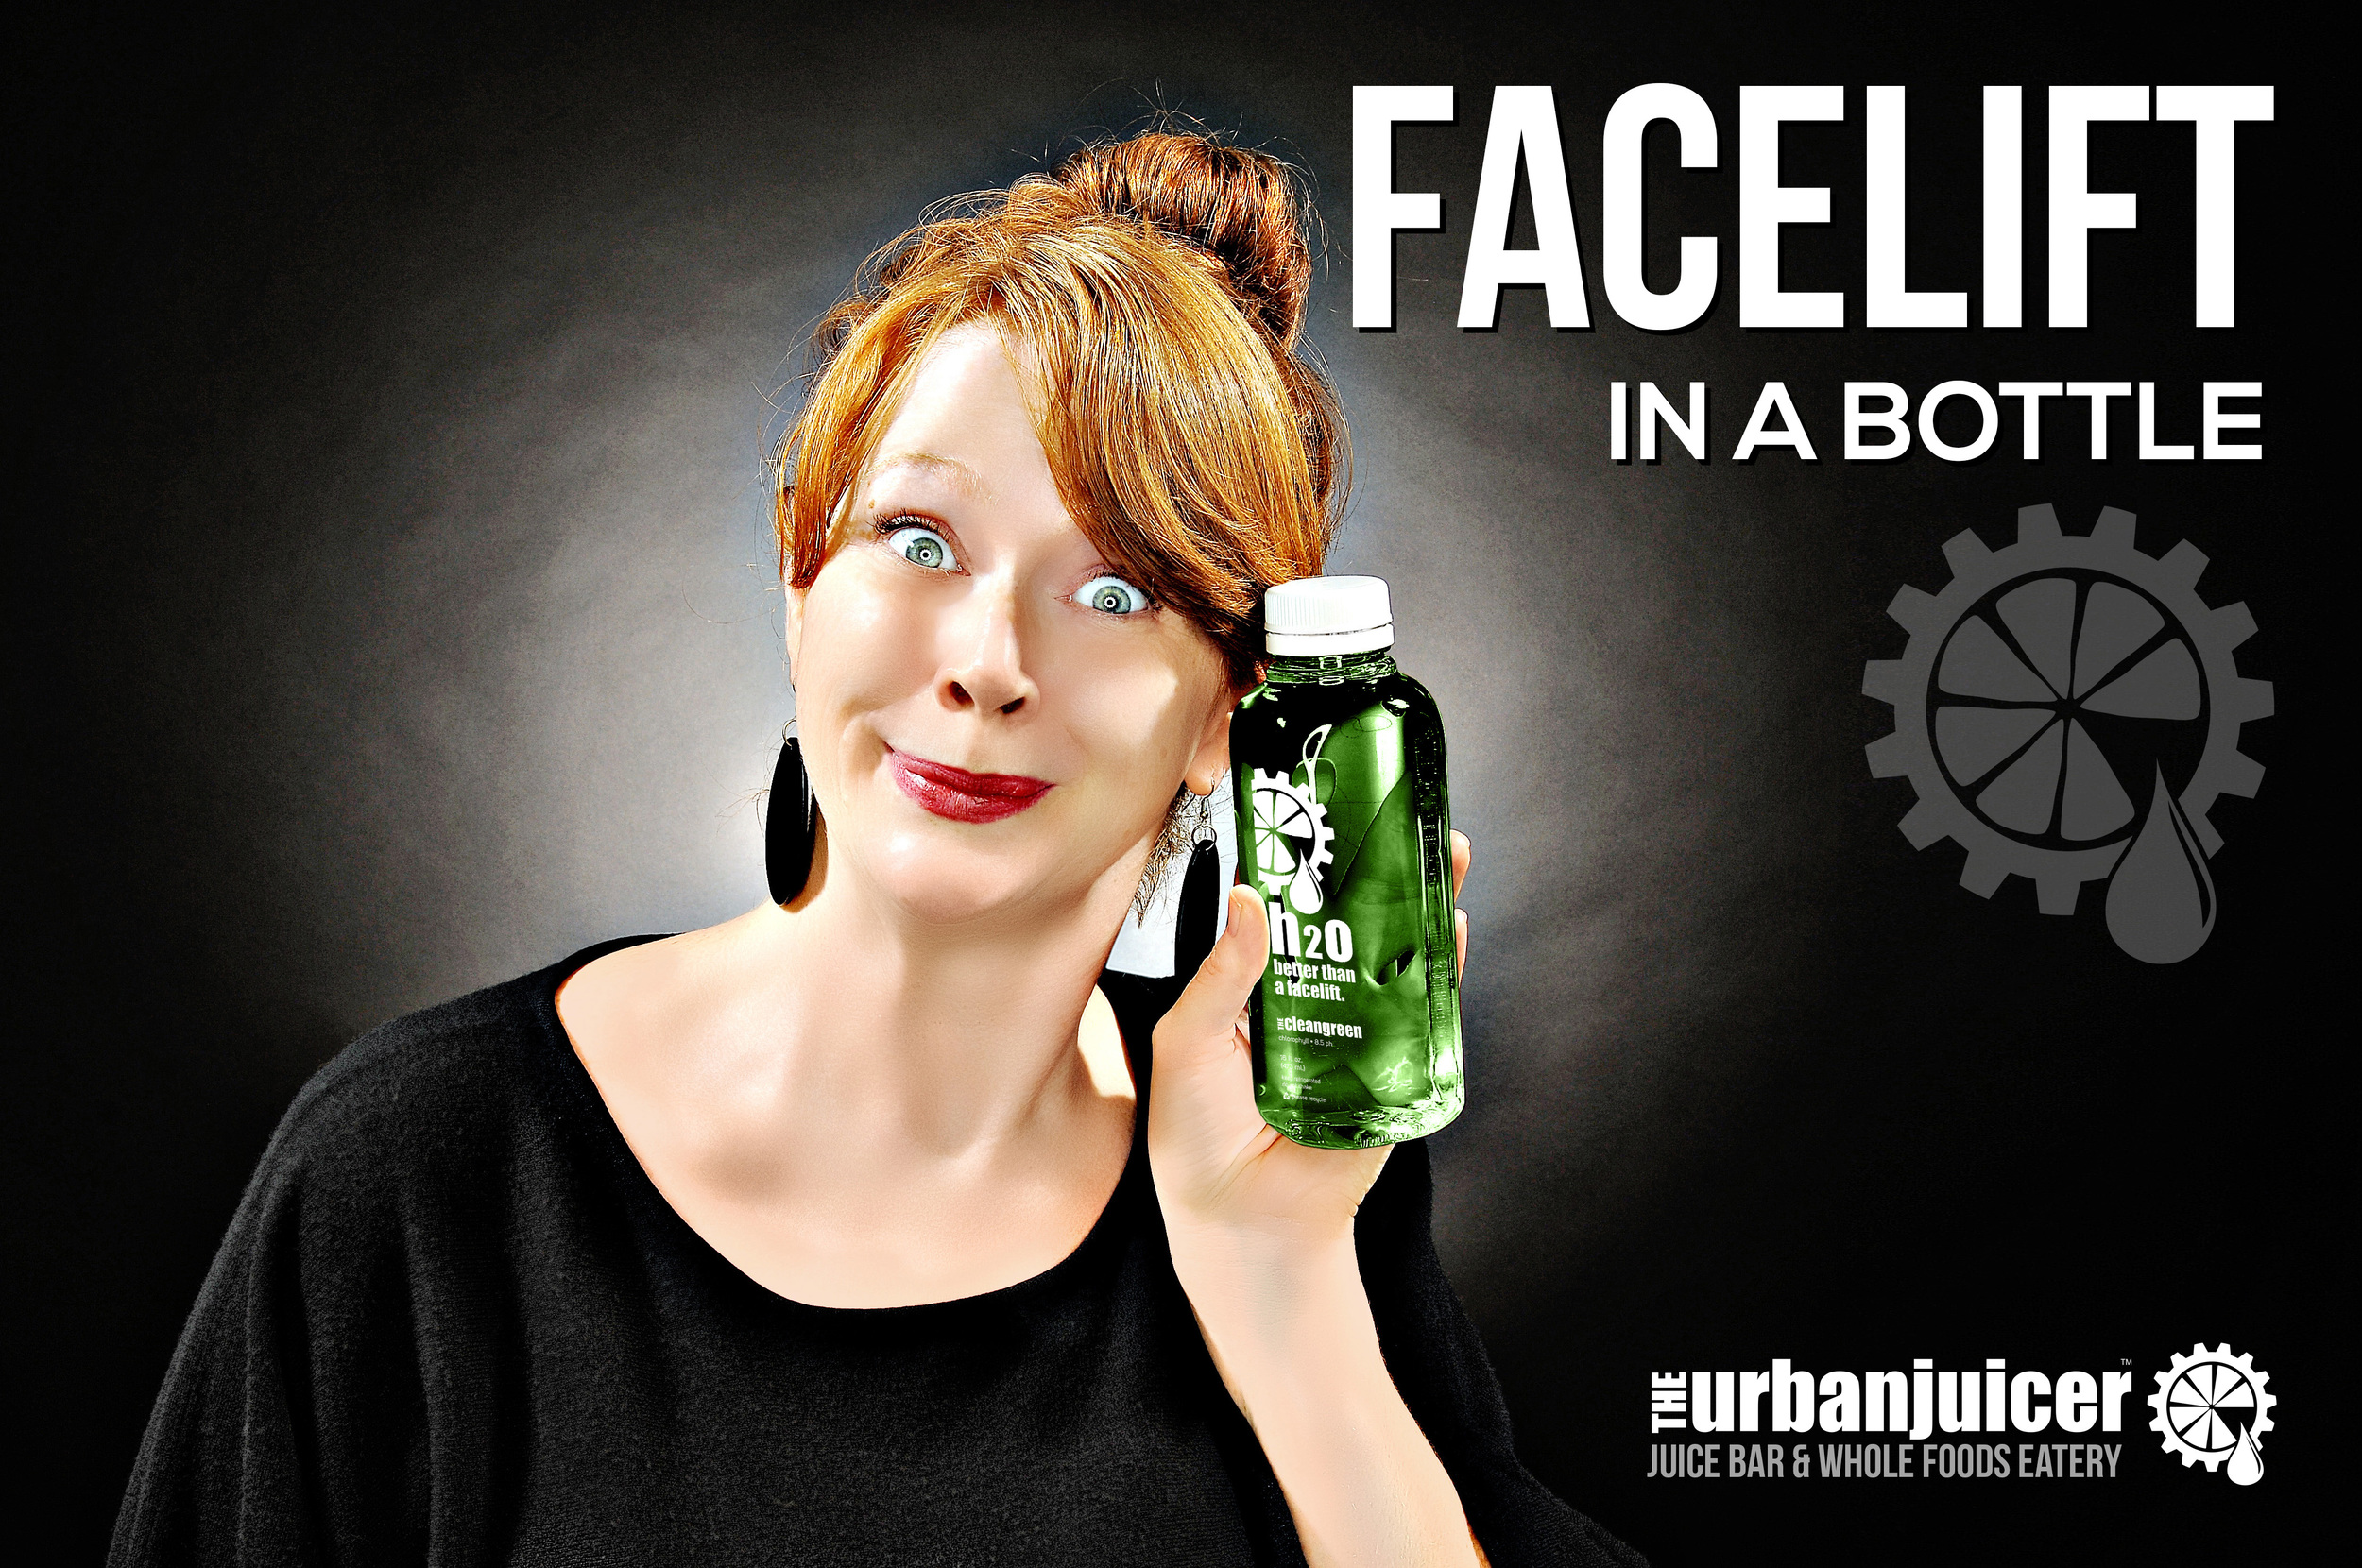 Nora-Clean-Green-Black-BG-Facelift-Bonus-01.jpg